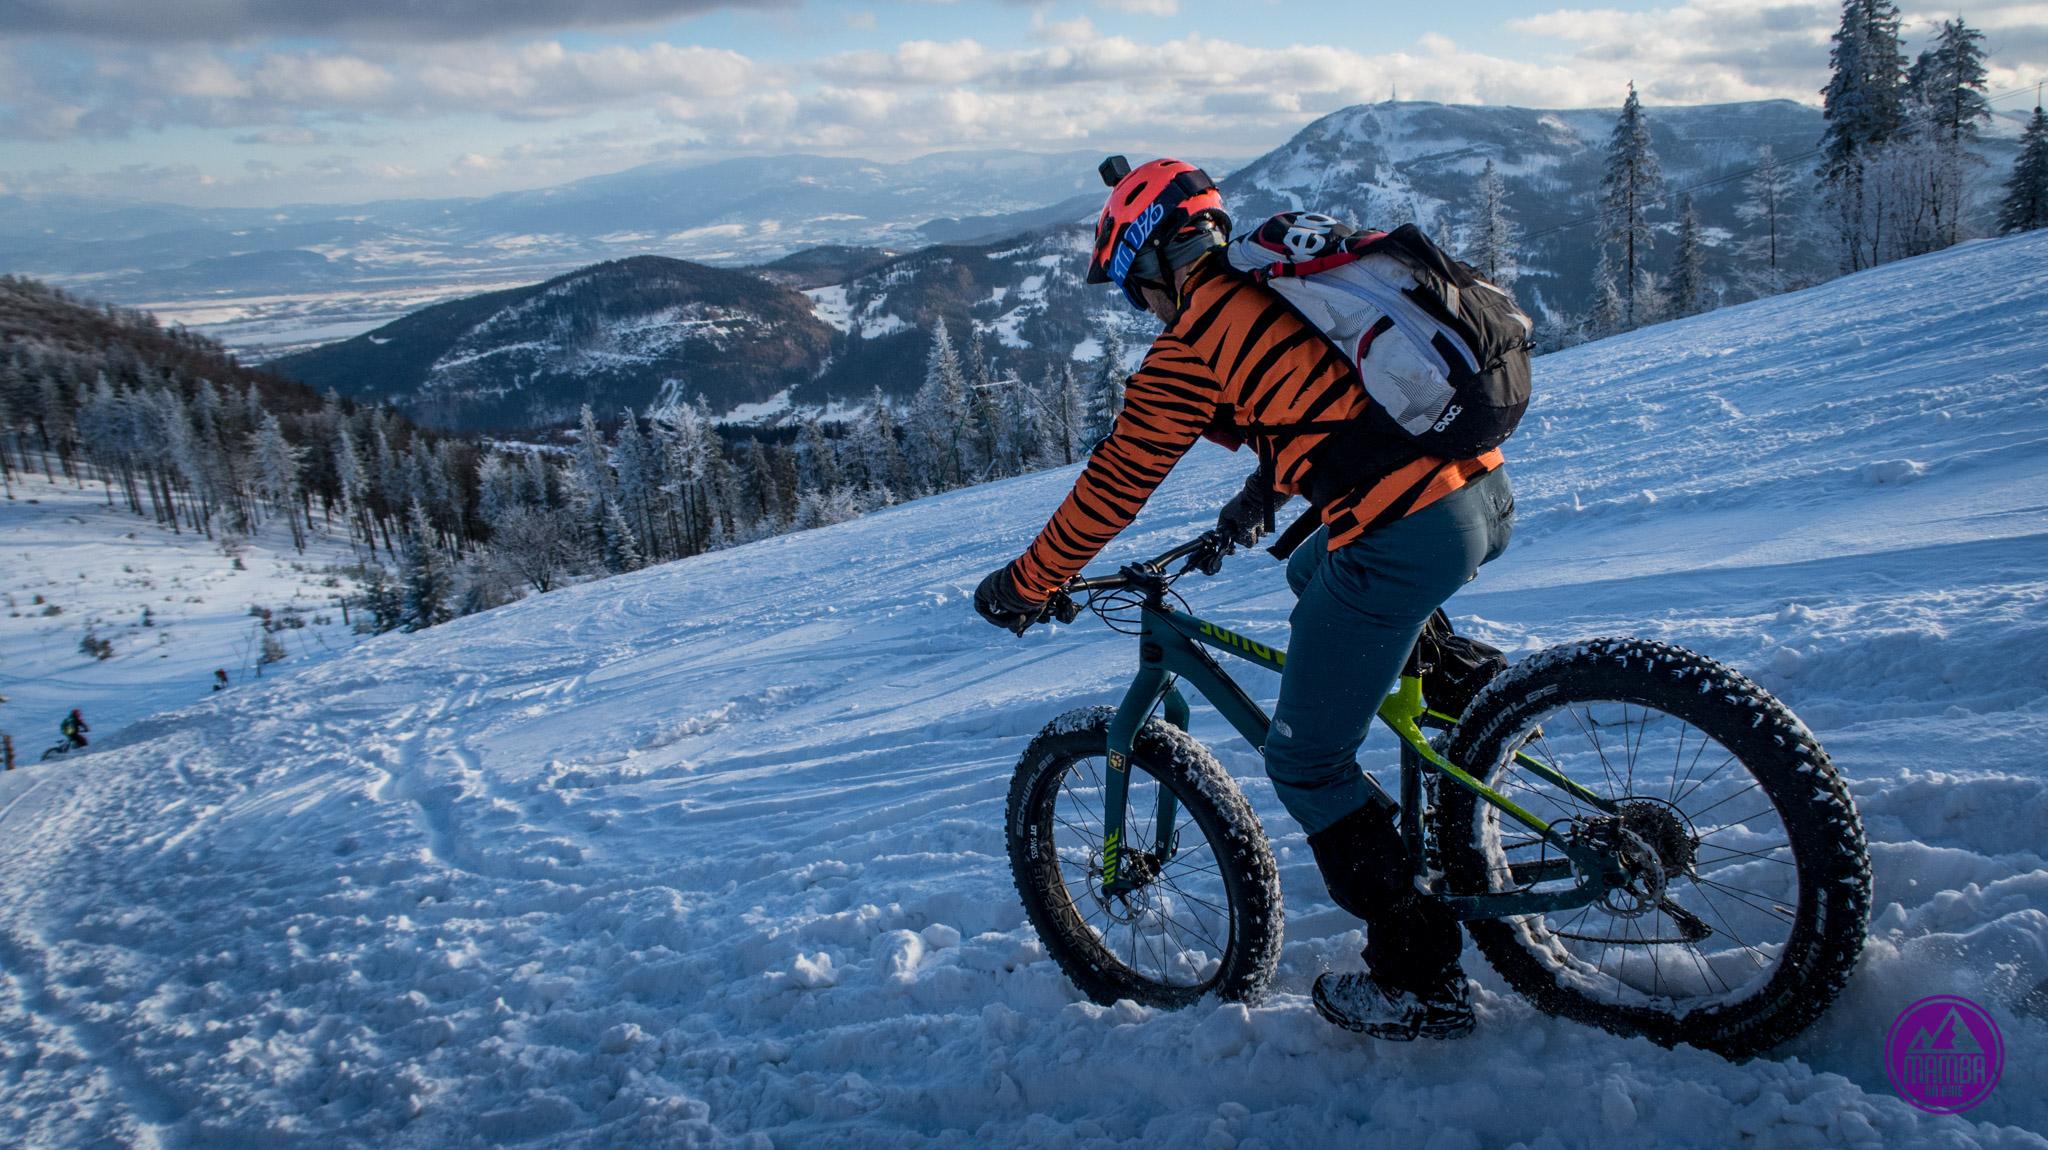 Zimowy zjazd na rowerze